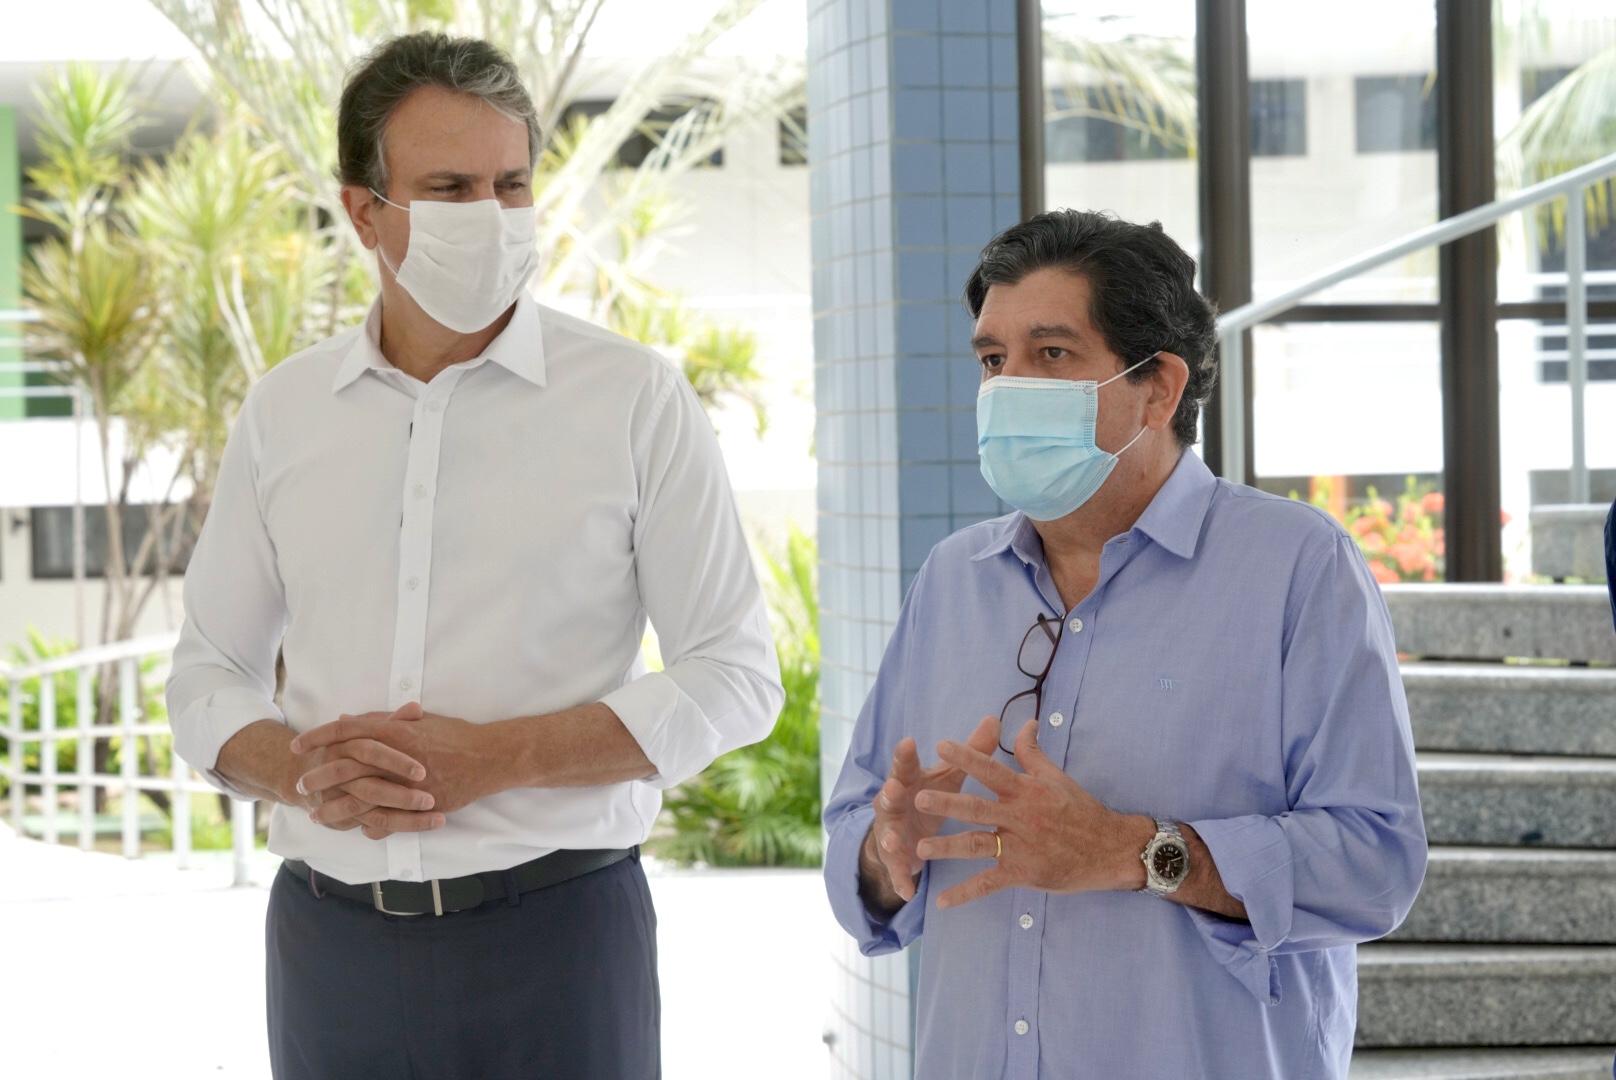 Casa de Cuidados do Ceará é iniciativa inédita para reabilitação de pacientes pós-Covid-19